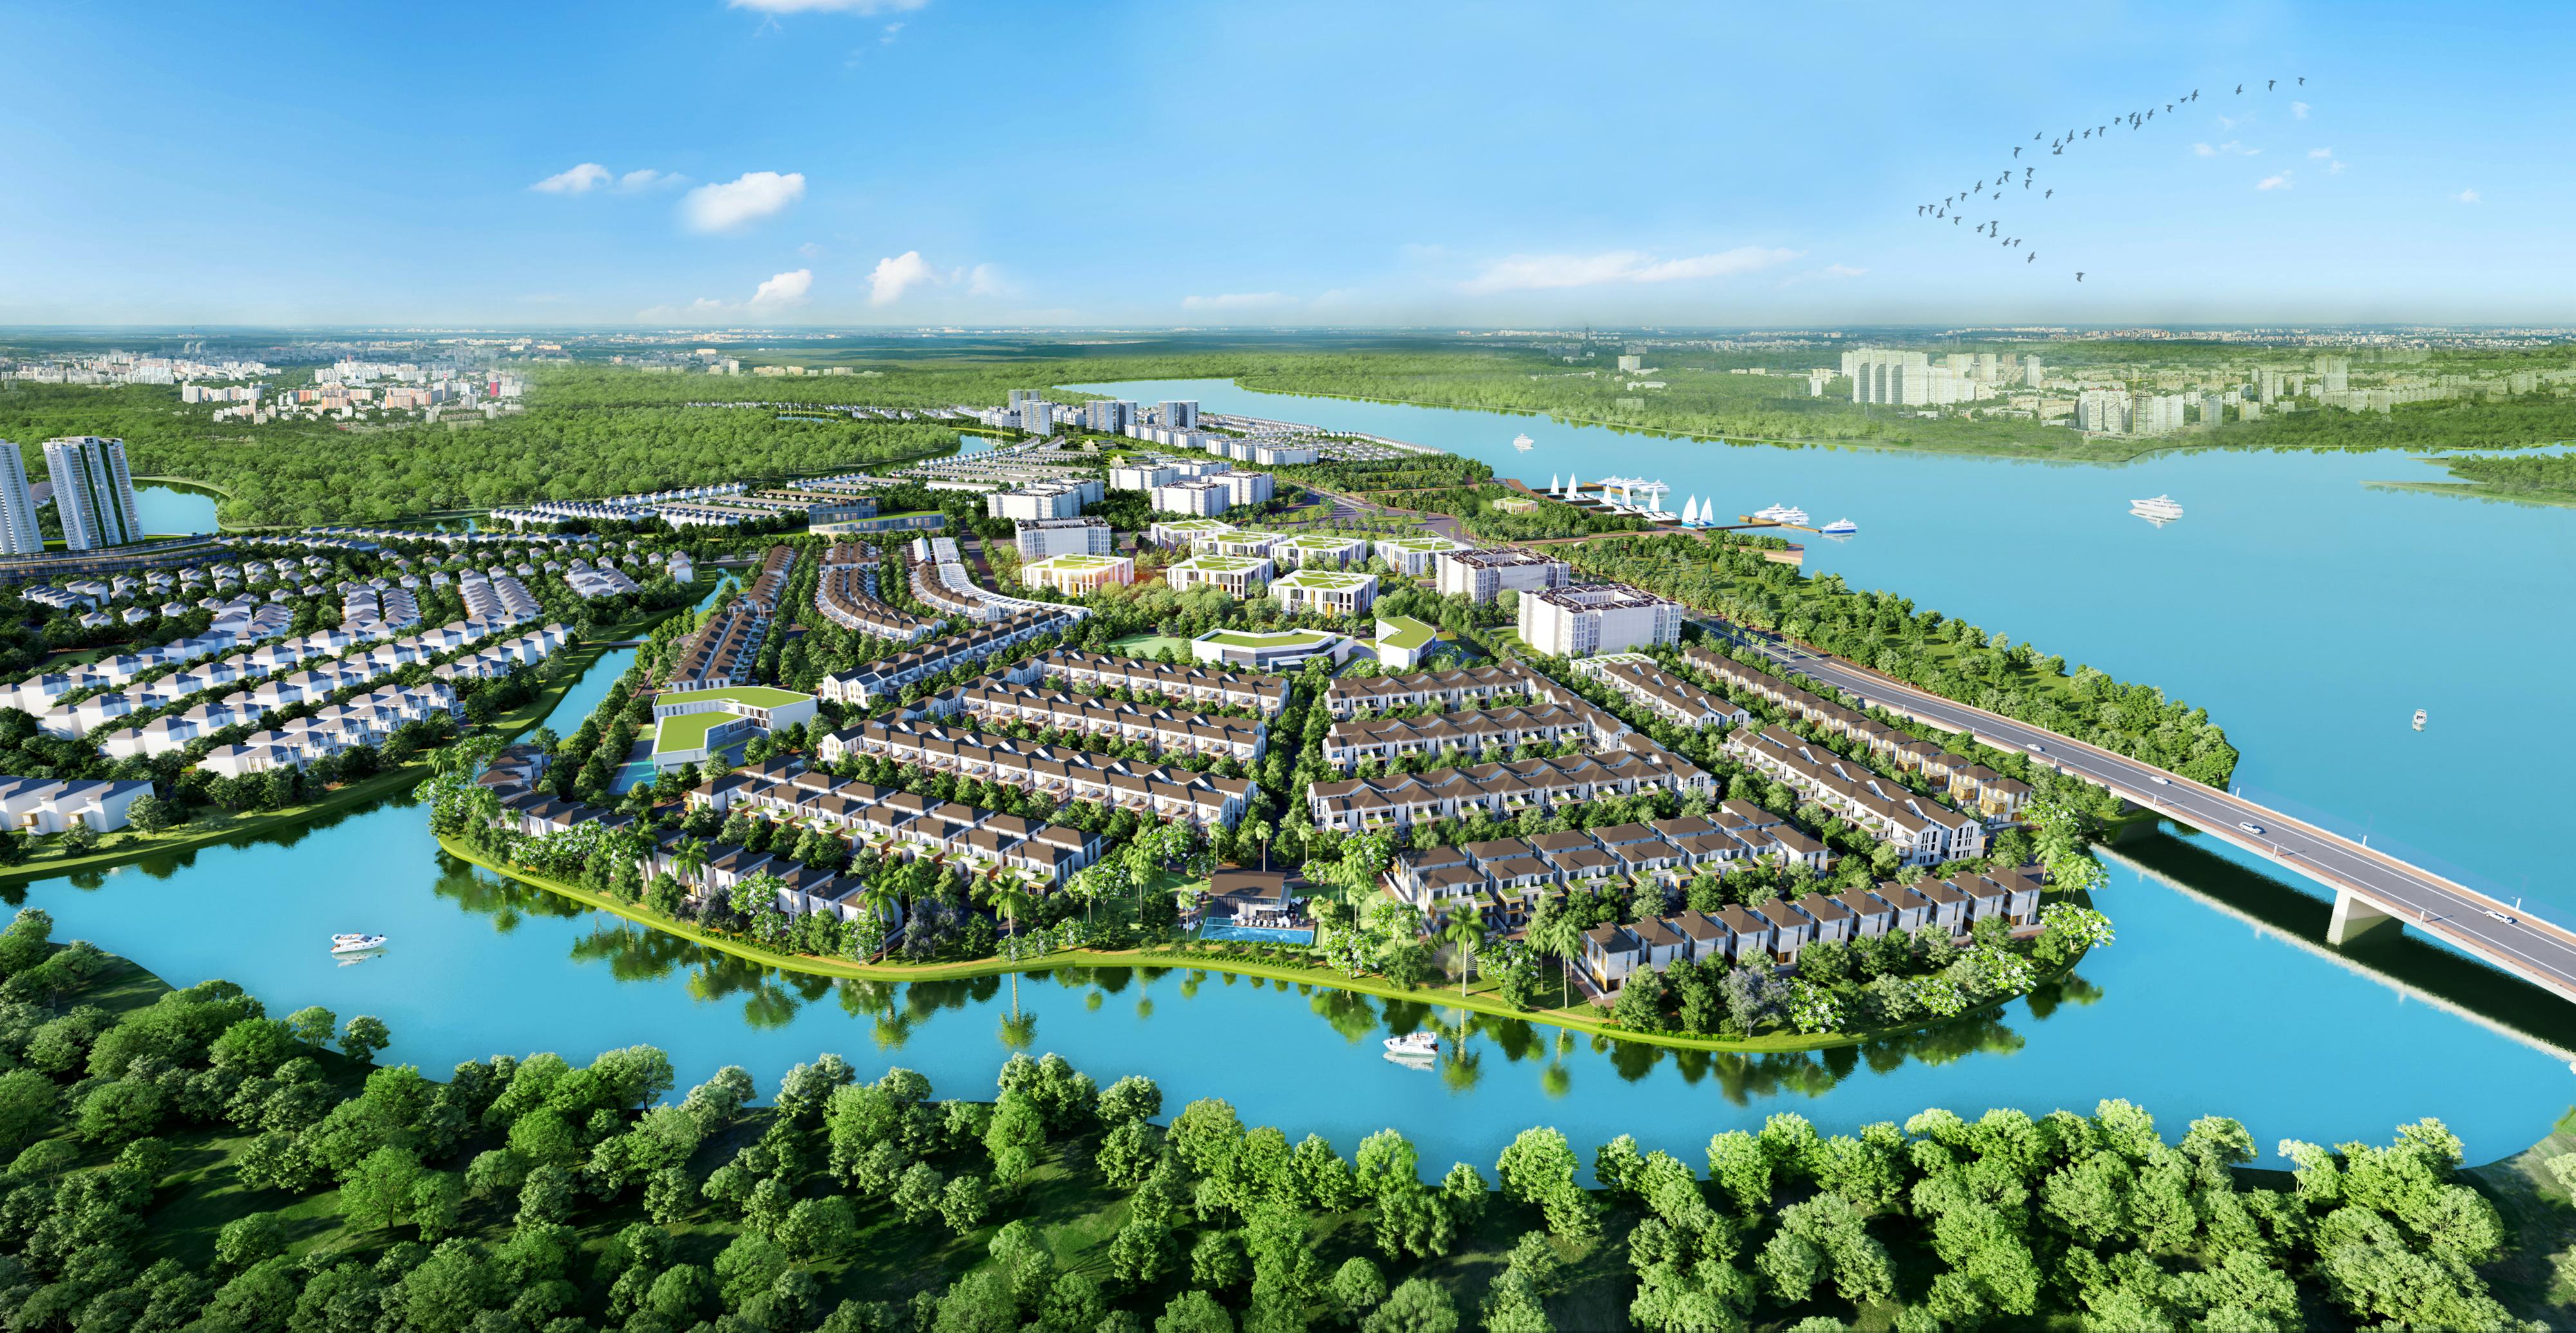 Bất động sản Đồng Nai tiếp tục nóng vì hạ tầng liên kết vùng mới